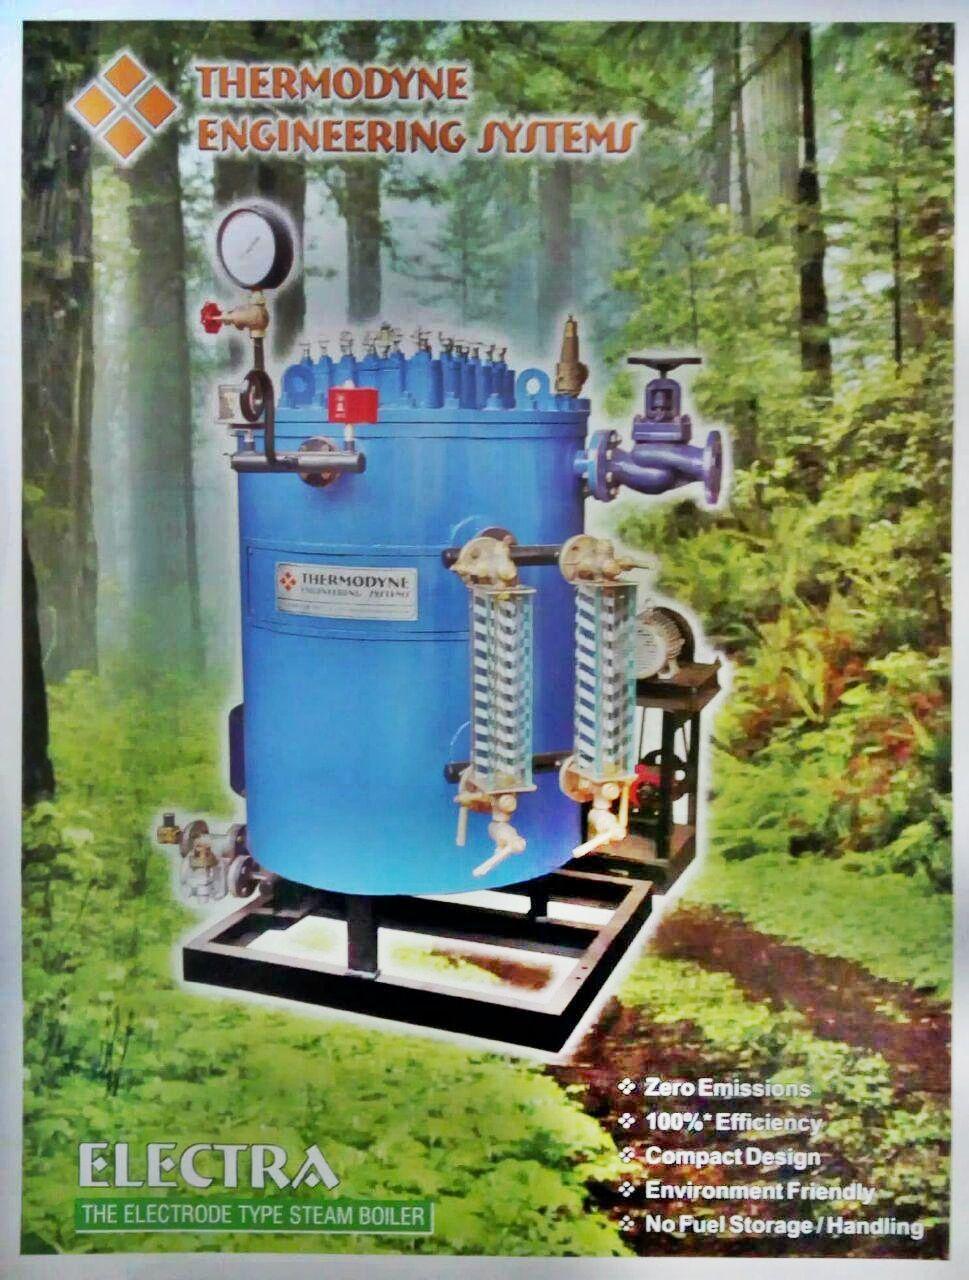 Electrode Type Steam Boiler Steam boiler, Boiler, Water